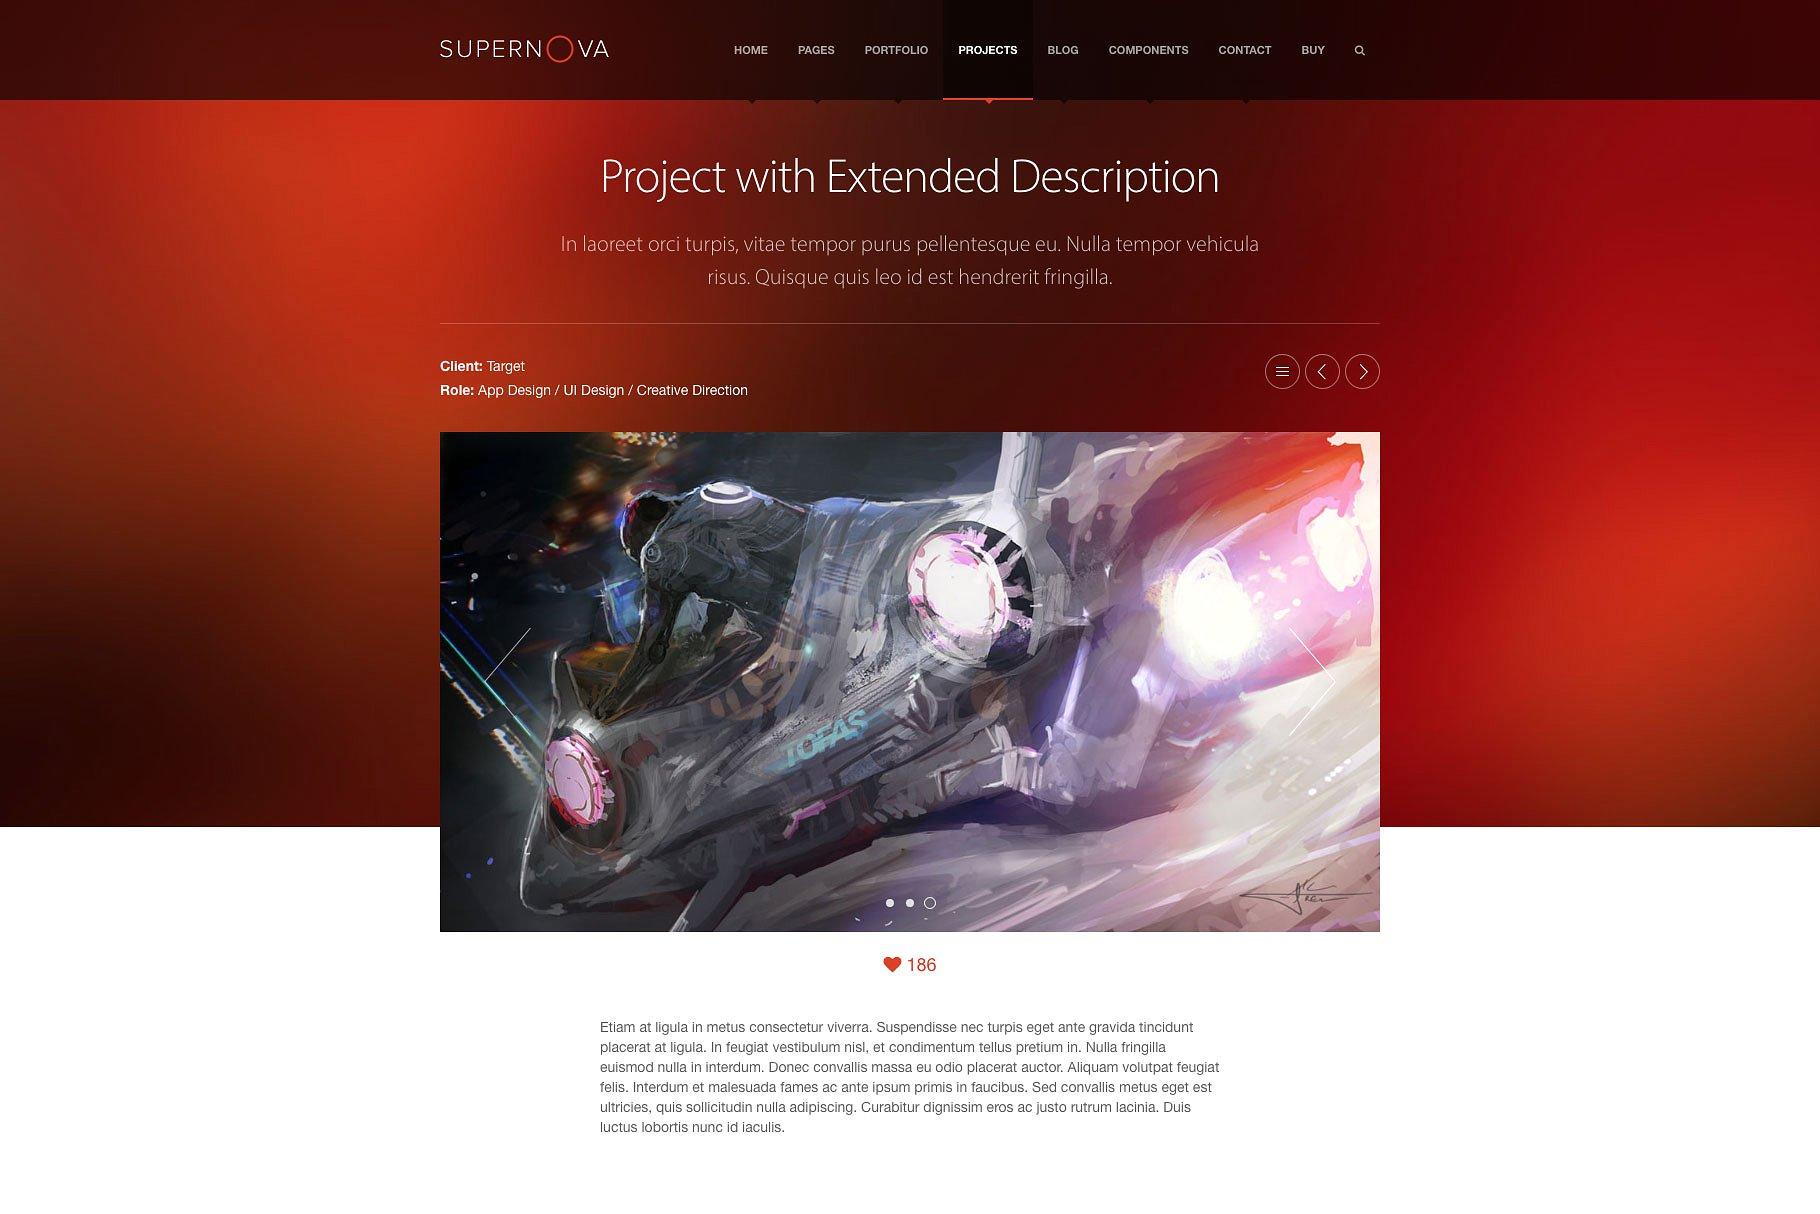 多功能现代风格网页模板 Supernova – PSD Template  Supernova - PSD Template